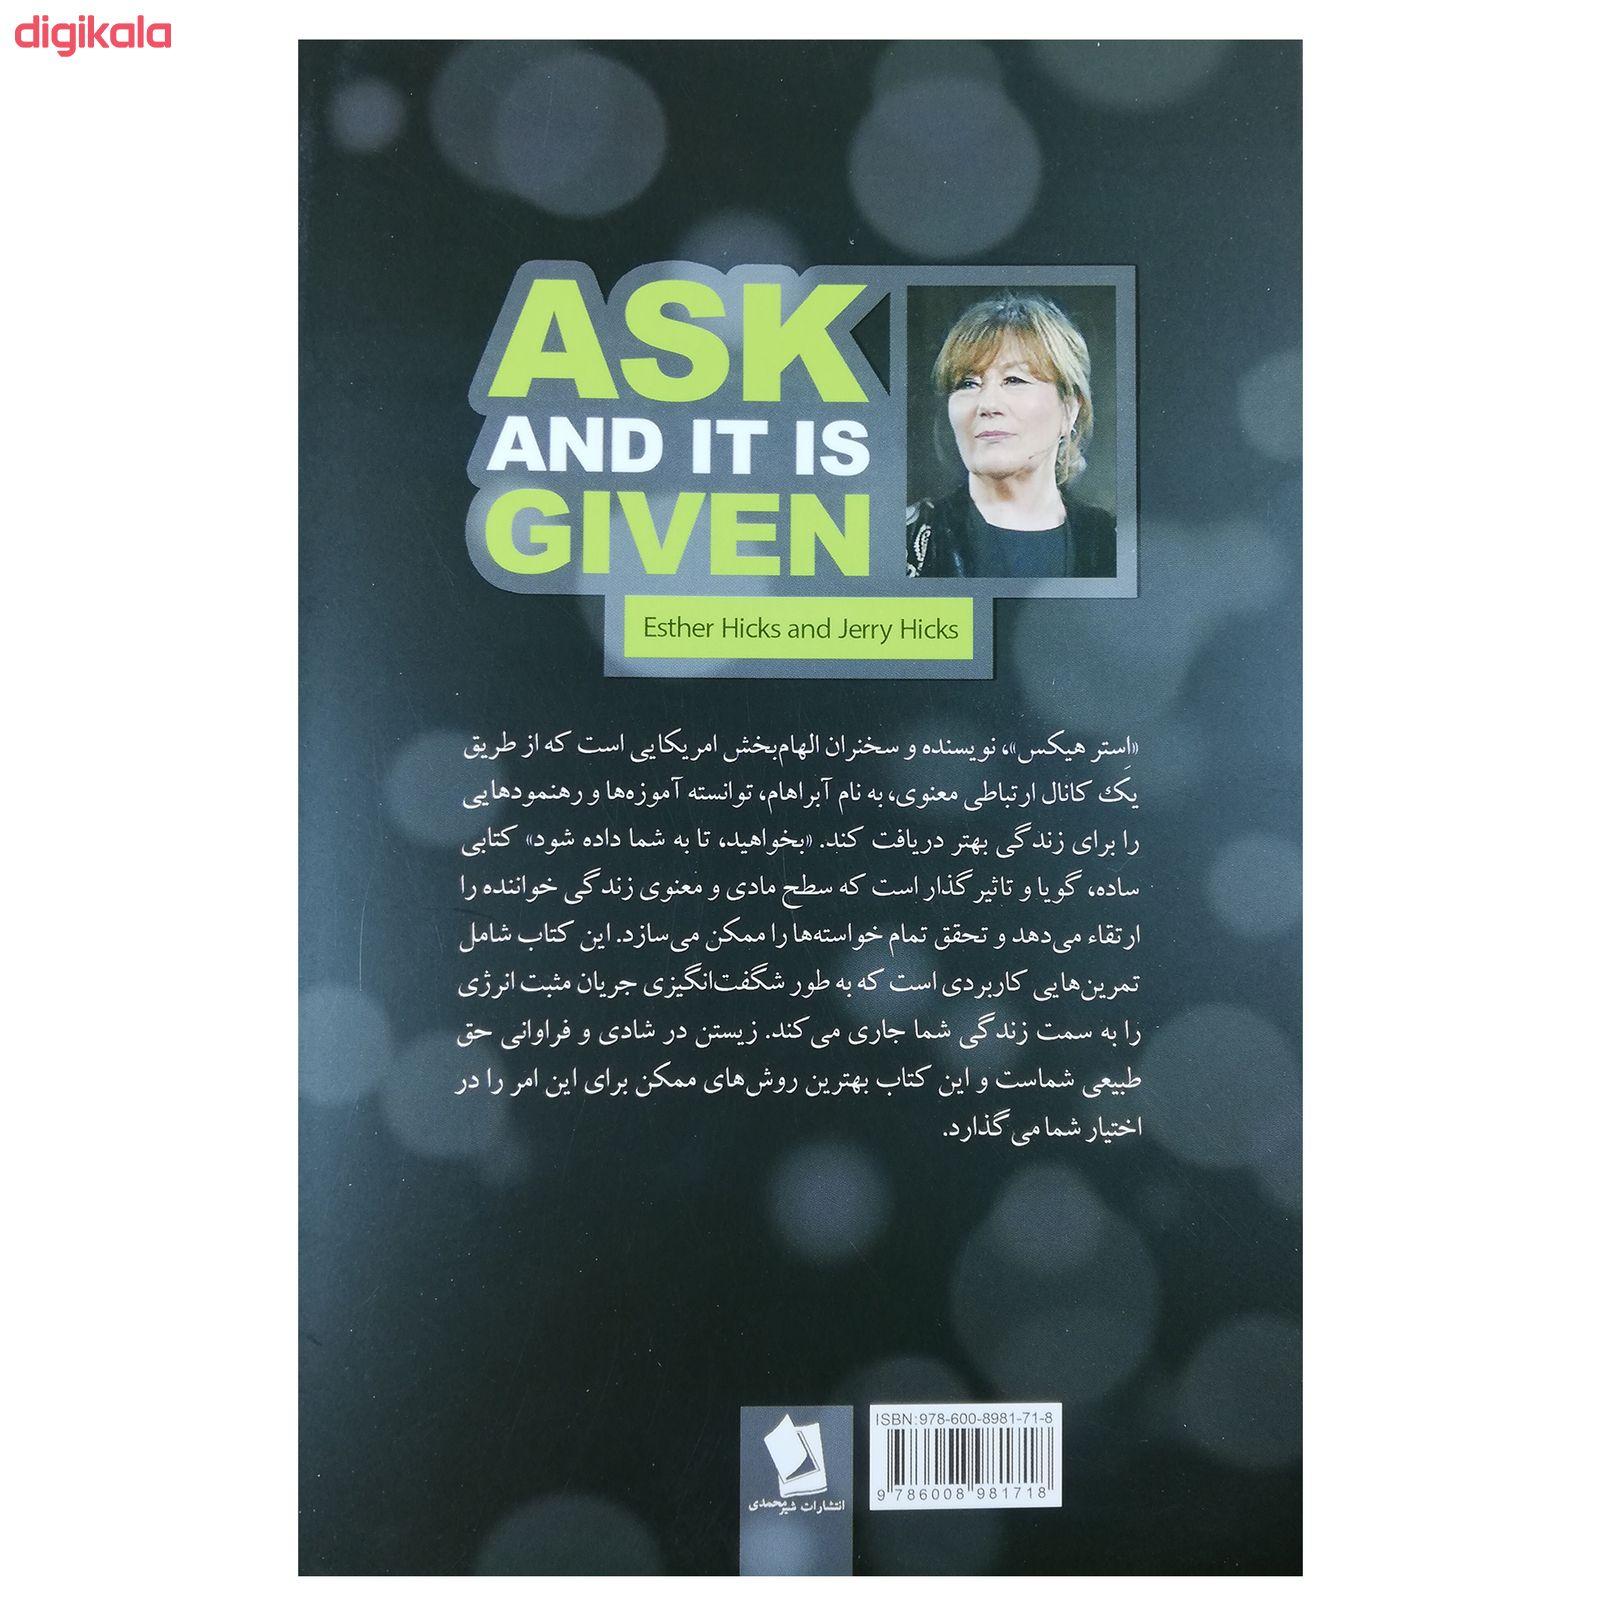 کتاب بخواهید تا به شما داده شود اثر استر هیکس و جری هیکس انتشارات شیر محمدی main 1 1